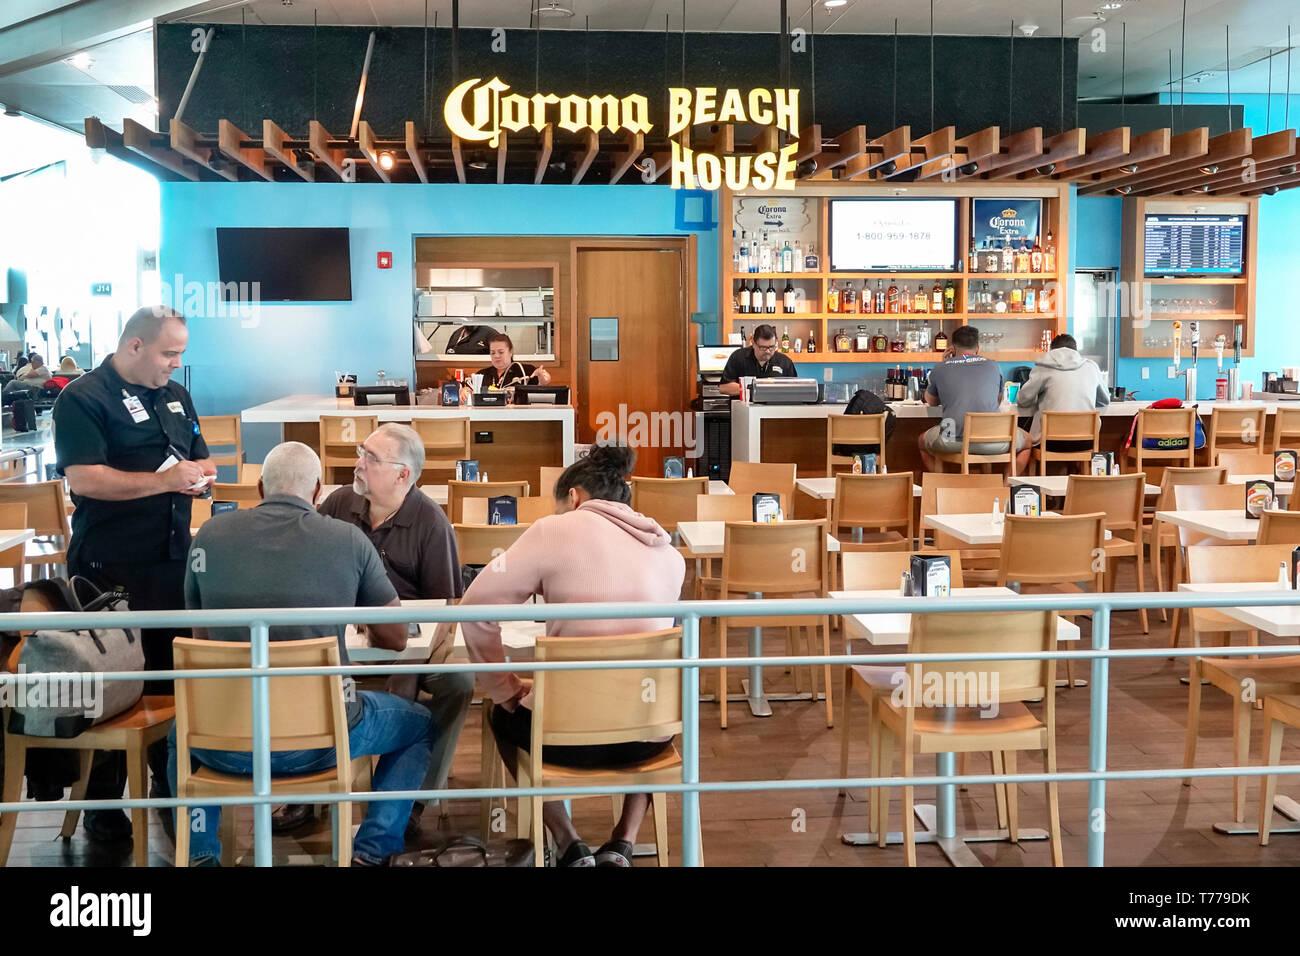 Miami Florida Miami International Airport MIA food court bar pub Corona Beach House uomo donna cameriere facendo ordine Immagini Stock